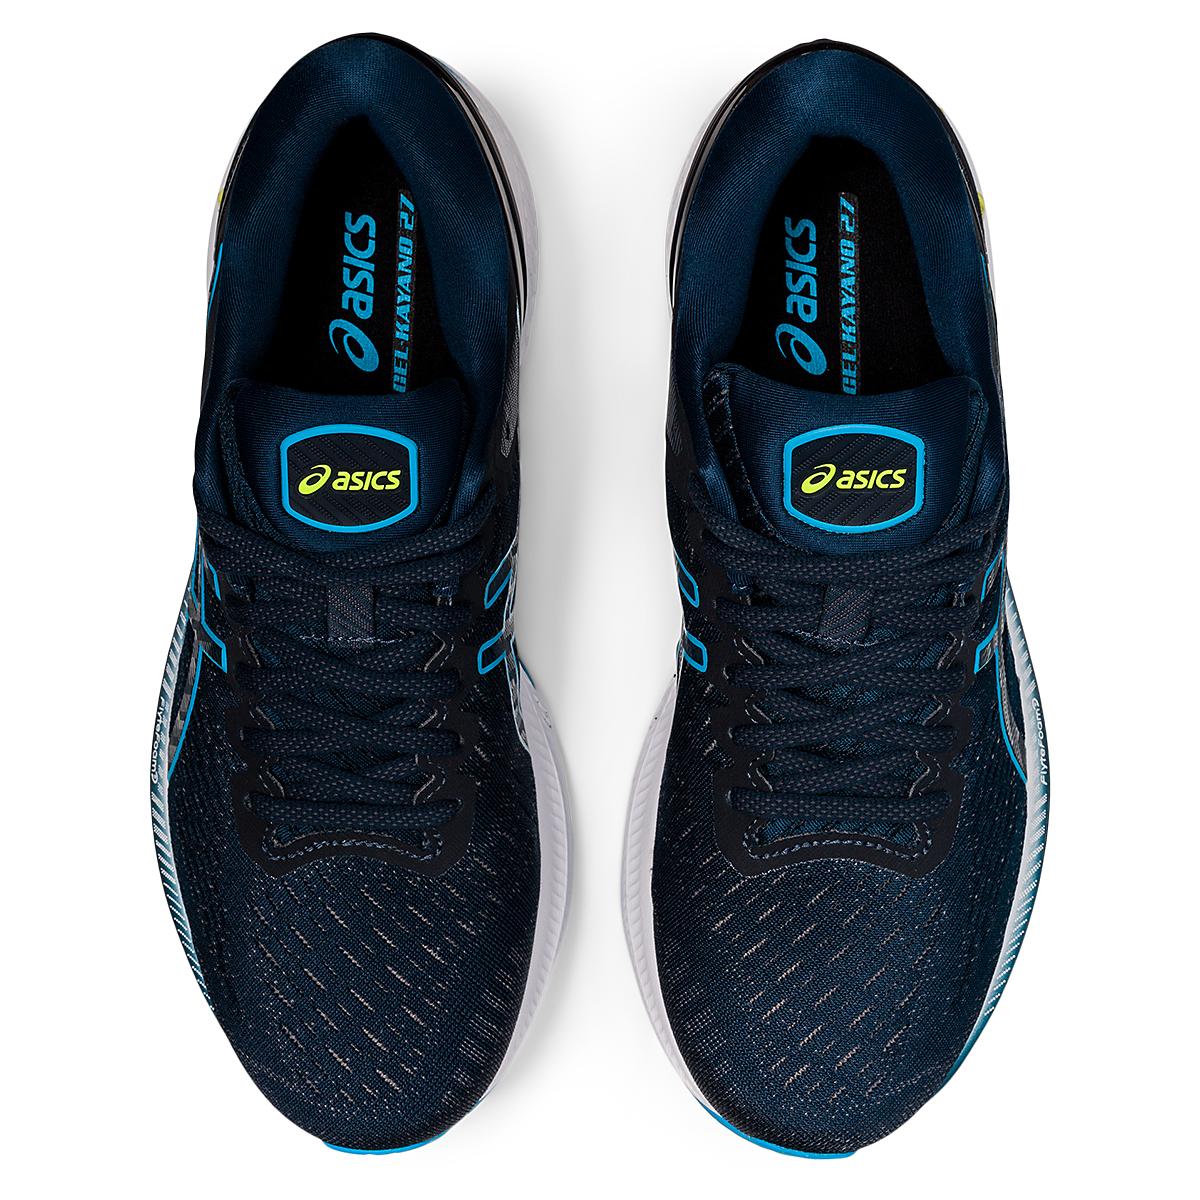 Men's Asics GEL-Kayano 27 Running Shoe - Color: French Blue/Dig - Size: 7.5 - Width: Regular, French Blue/Dig, large, image 5